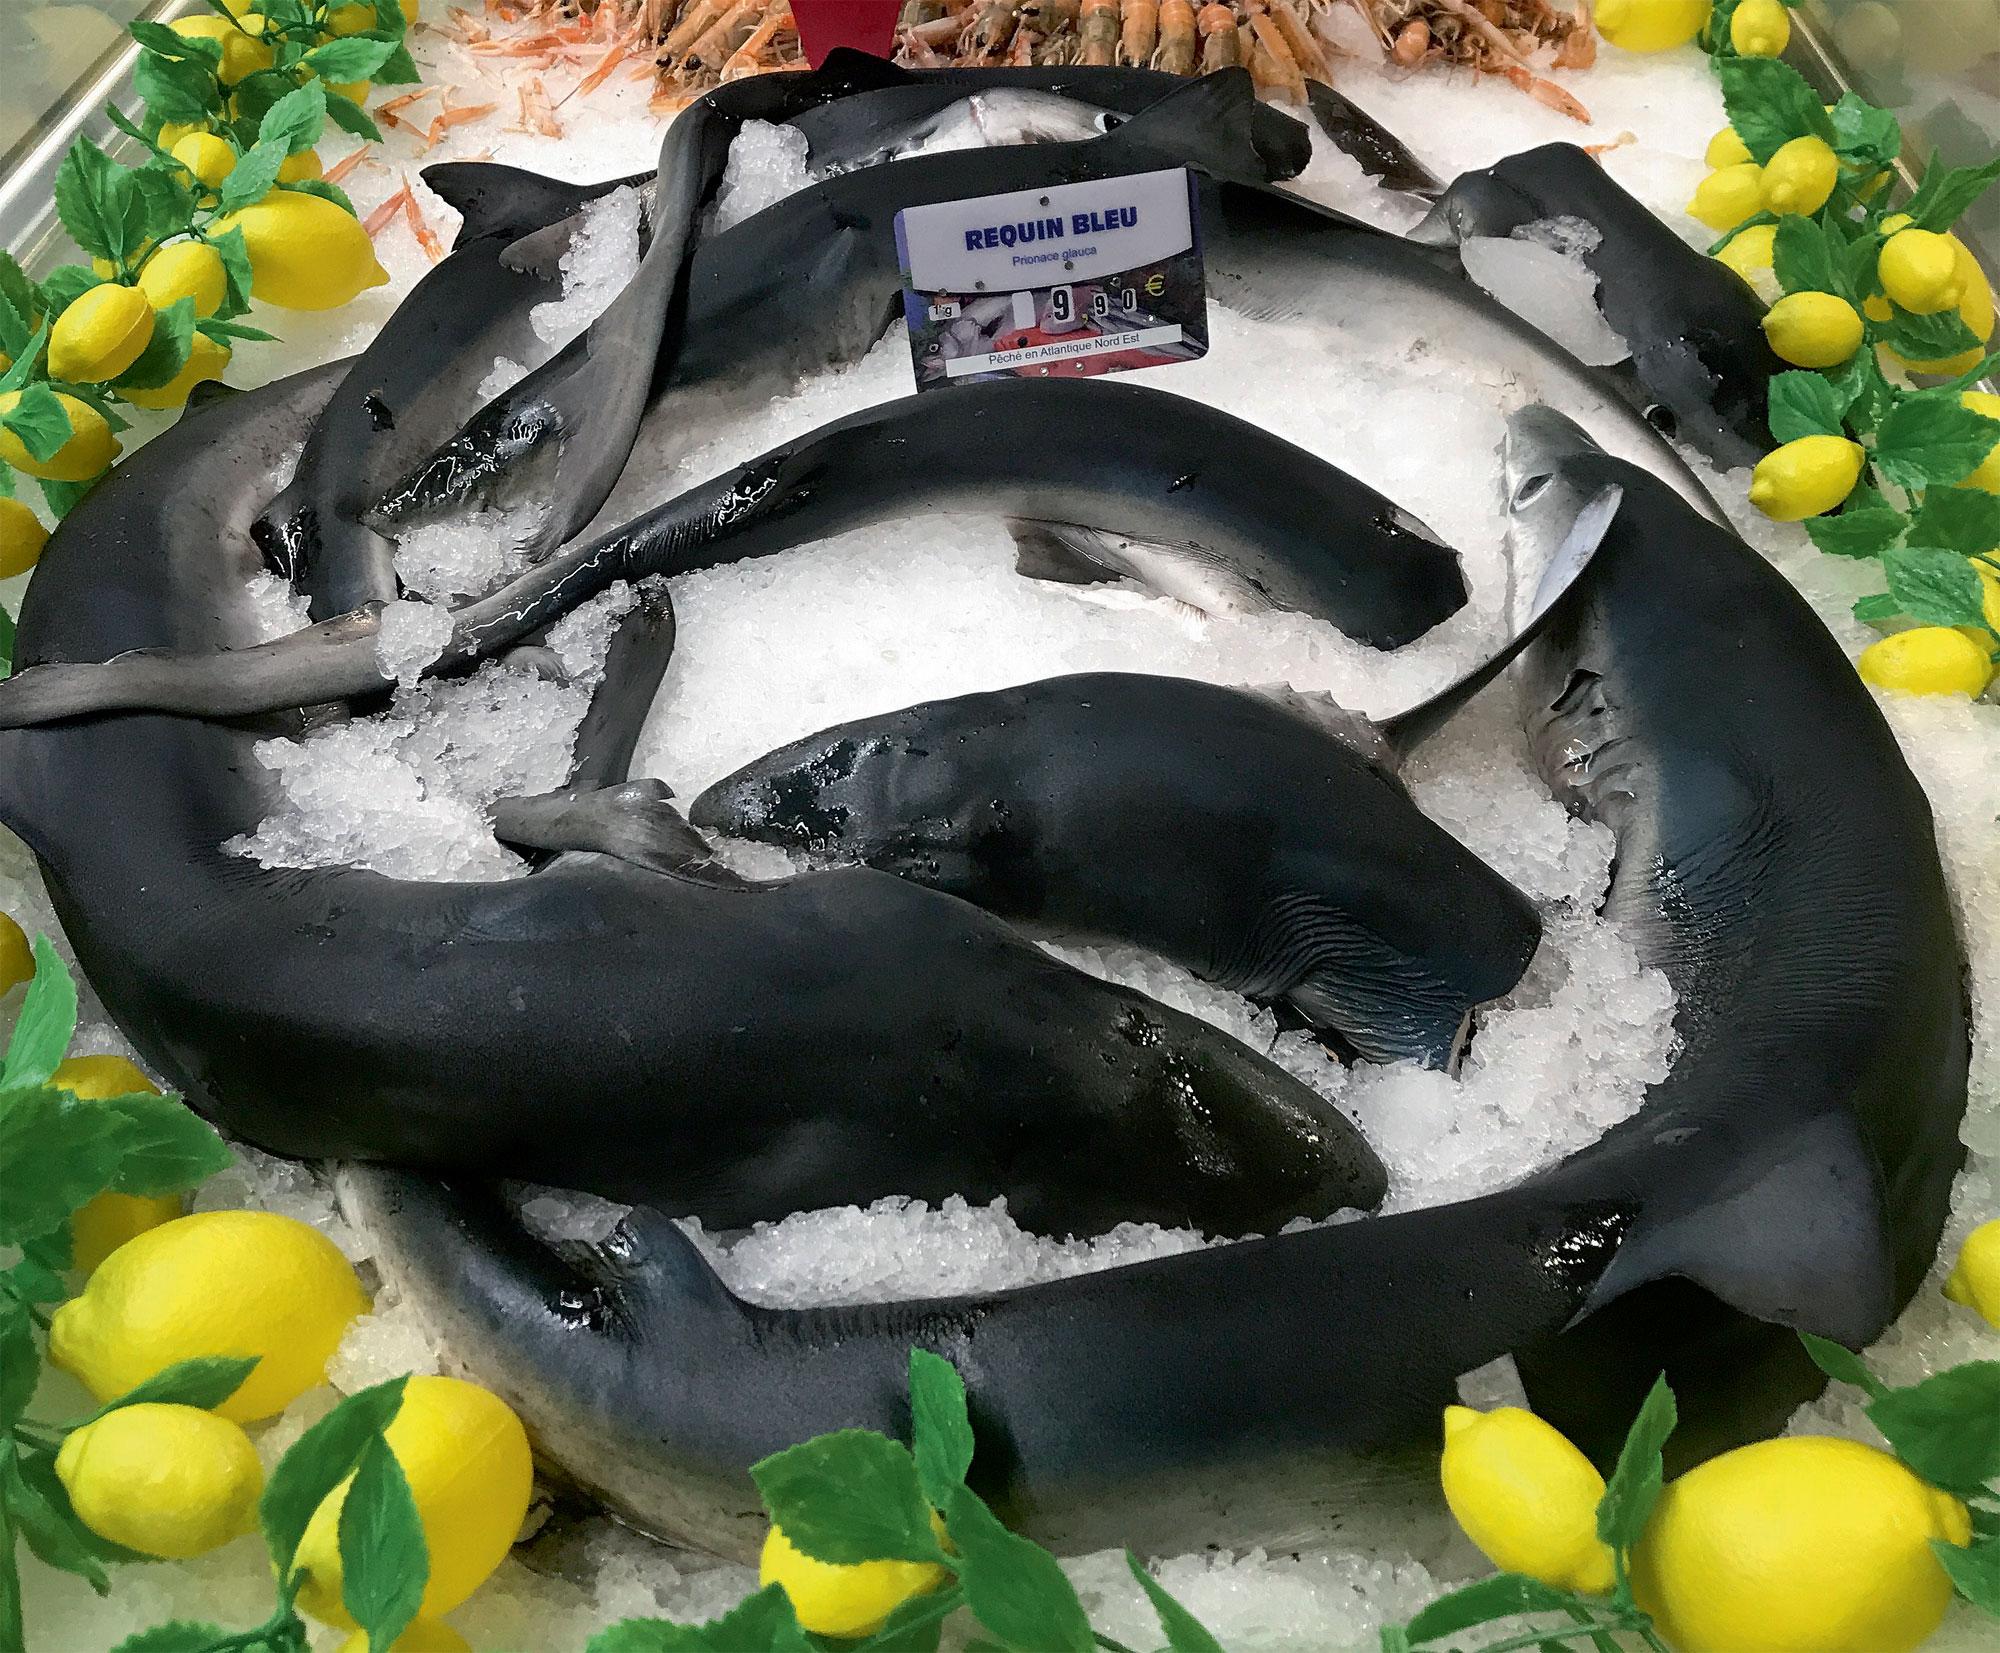 Il faut se battre contre un monde sans requins